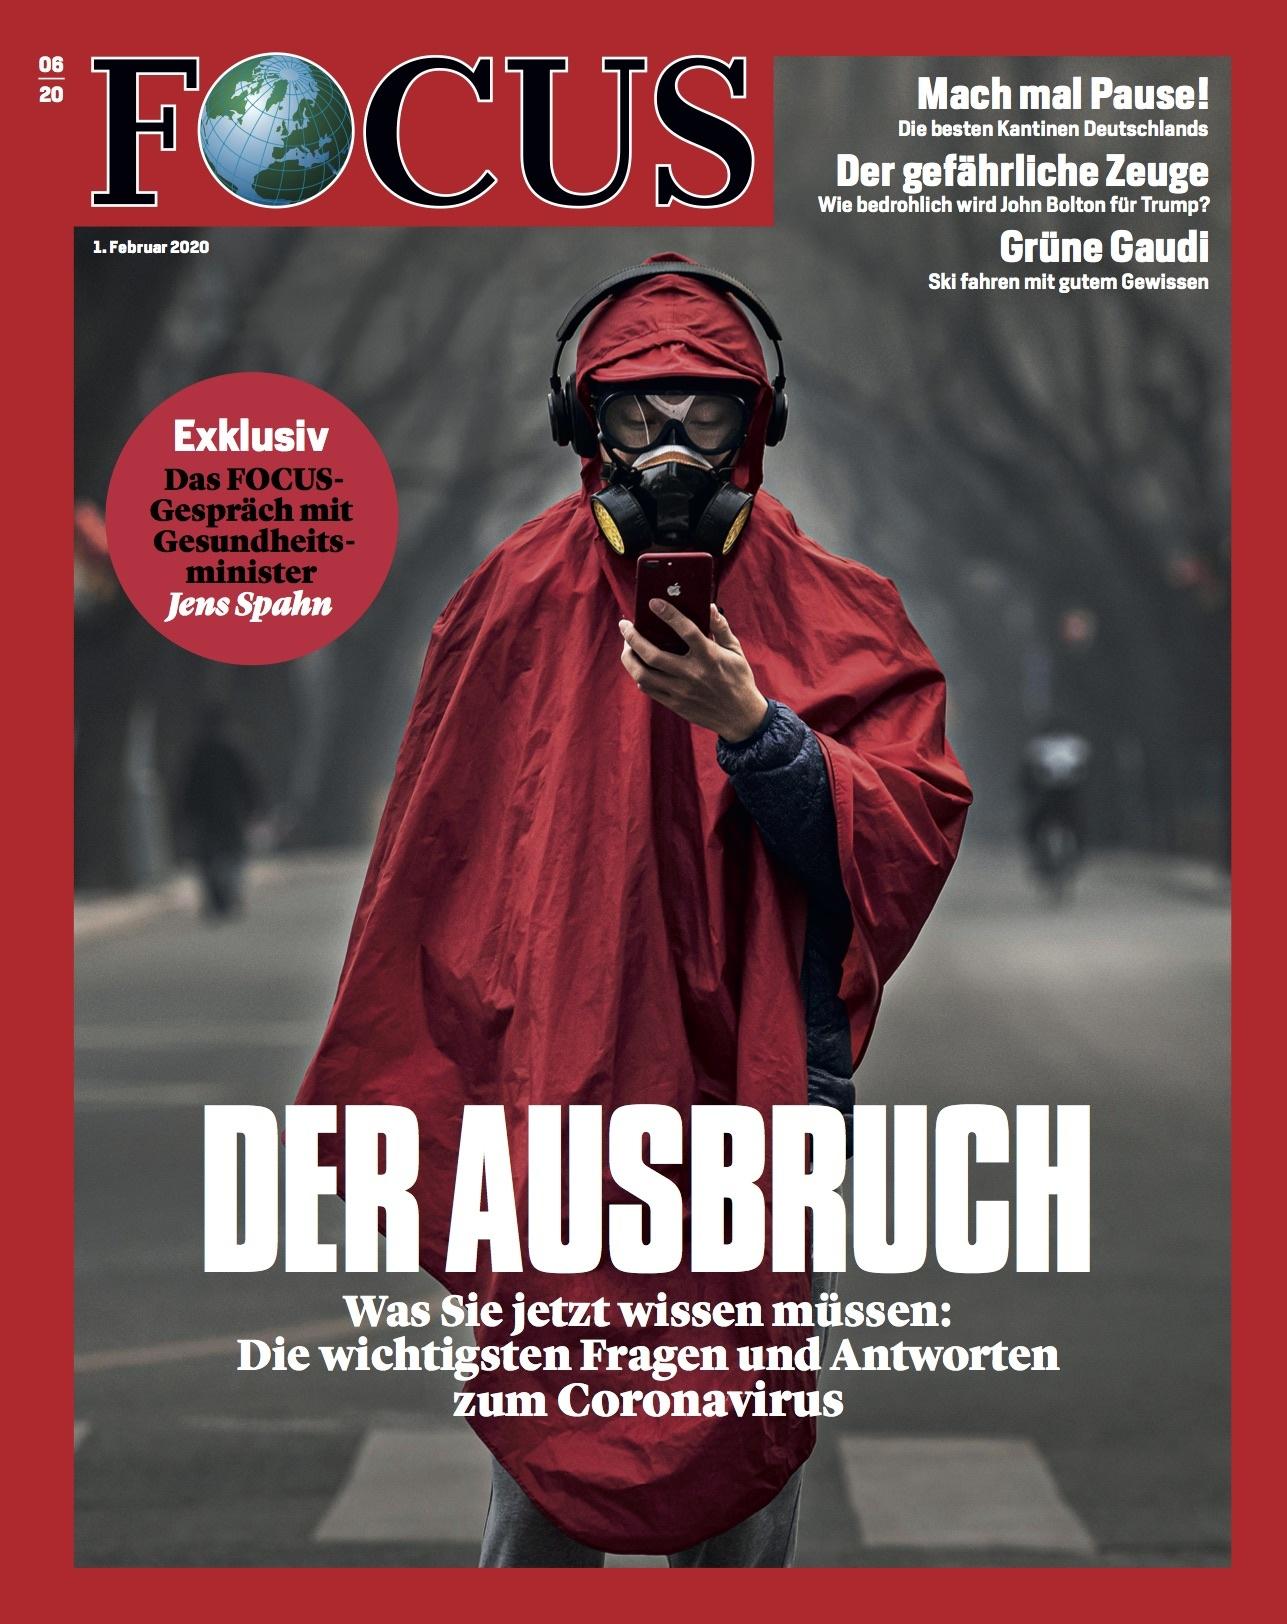 FOCUS Magazin FOCUS Magazin - Der Ausbruch